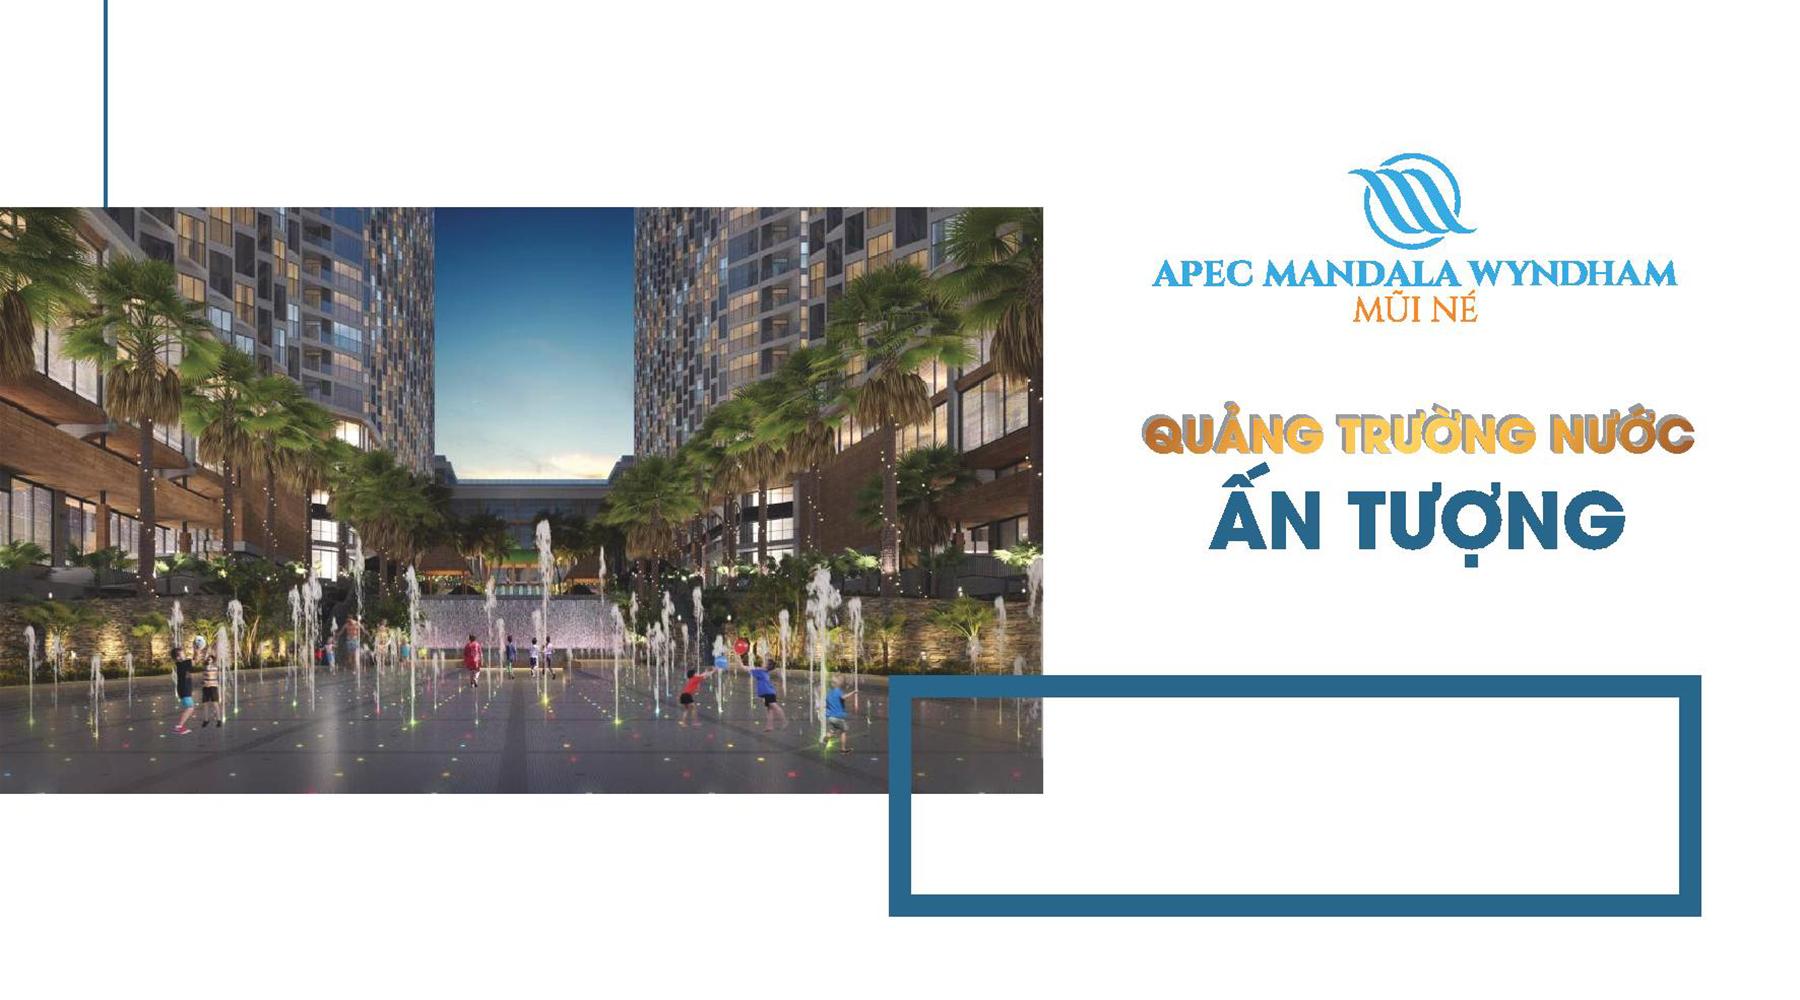 Tiện ích dự án Apec Mandala Wyndham Quảng trường nước